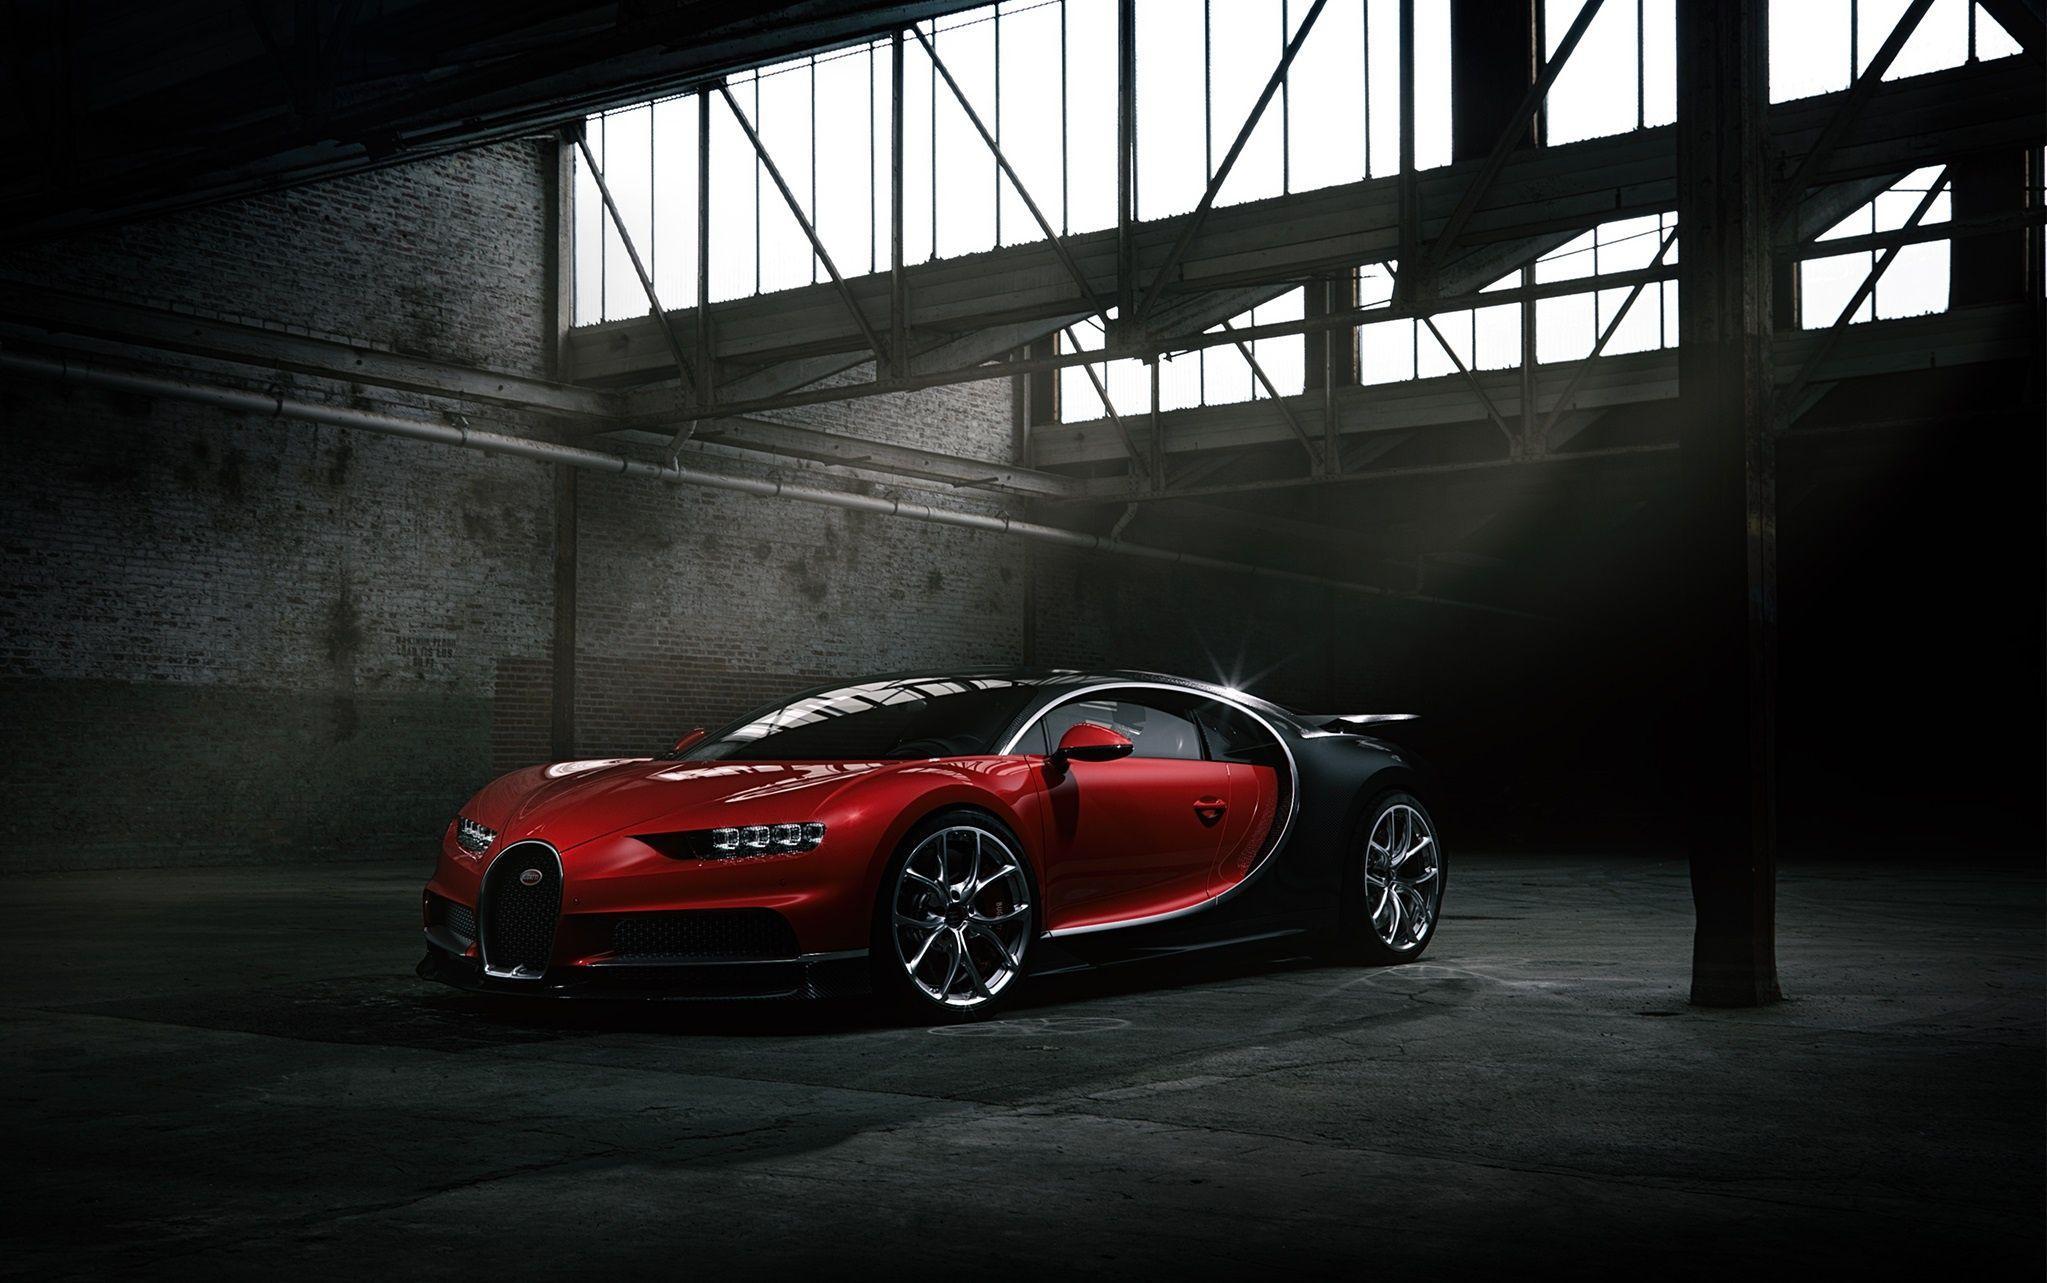 Bugatti Chiron 4K Wallpapers - Top Free Bugatti Chiron 4K ...